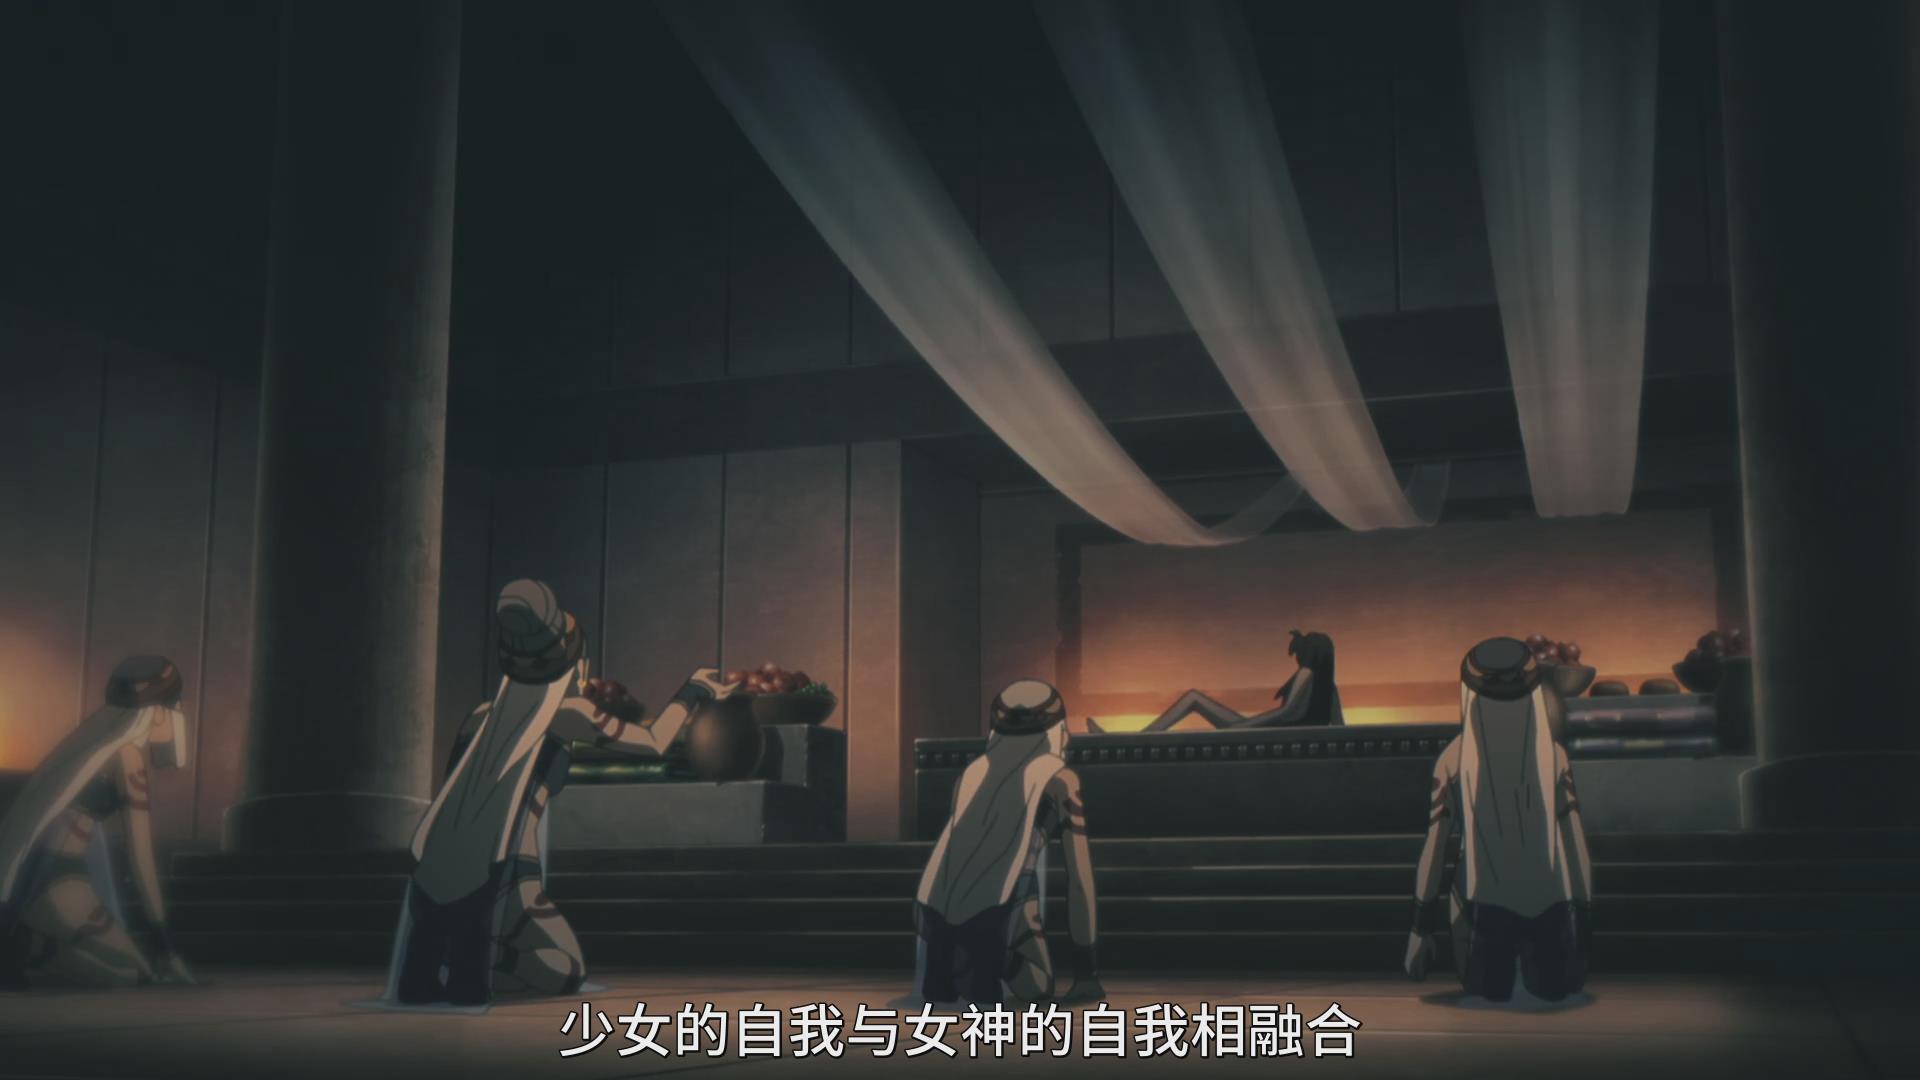 【科普】《绝对魔兽战线》远坂凛为何会出现在乌鲁克?- ACG17.COM